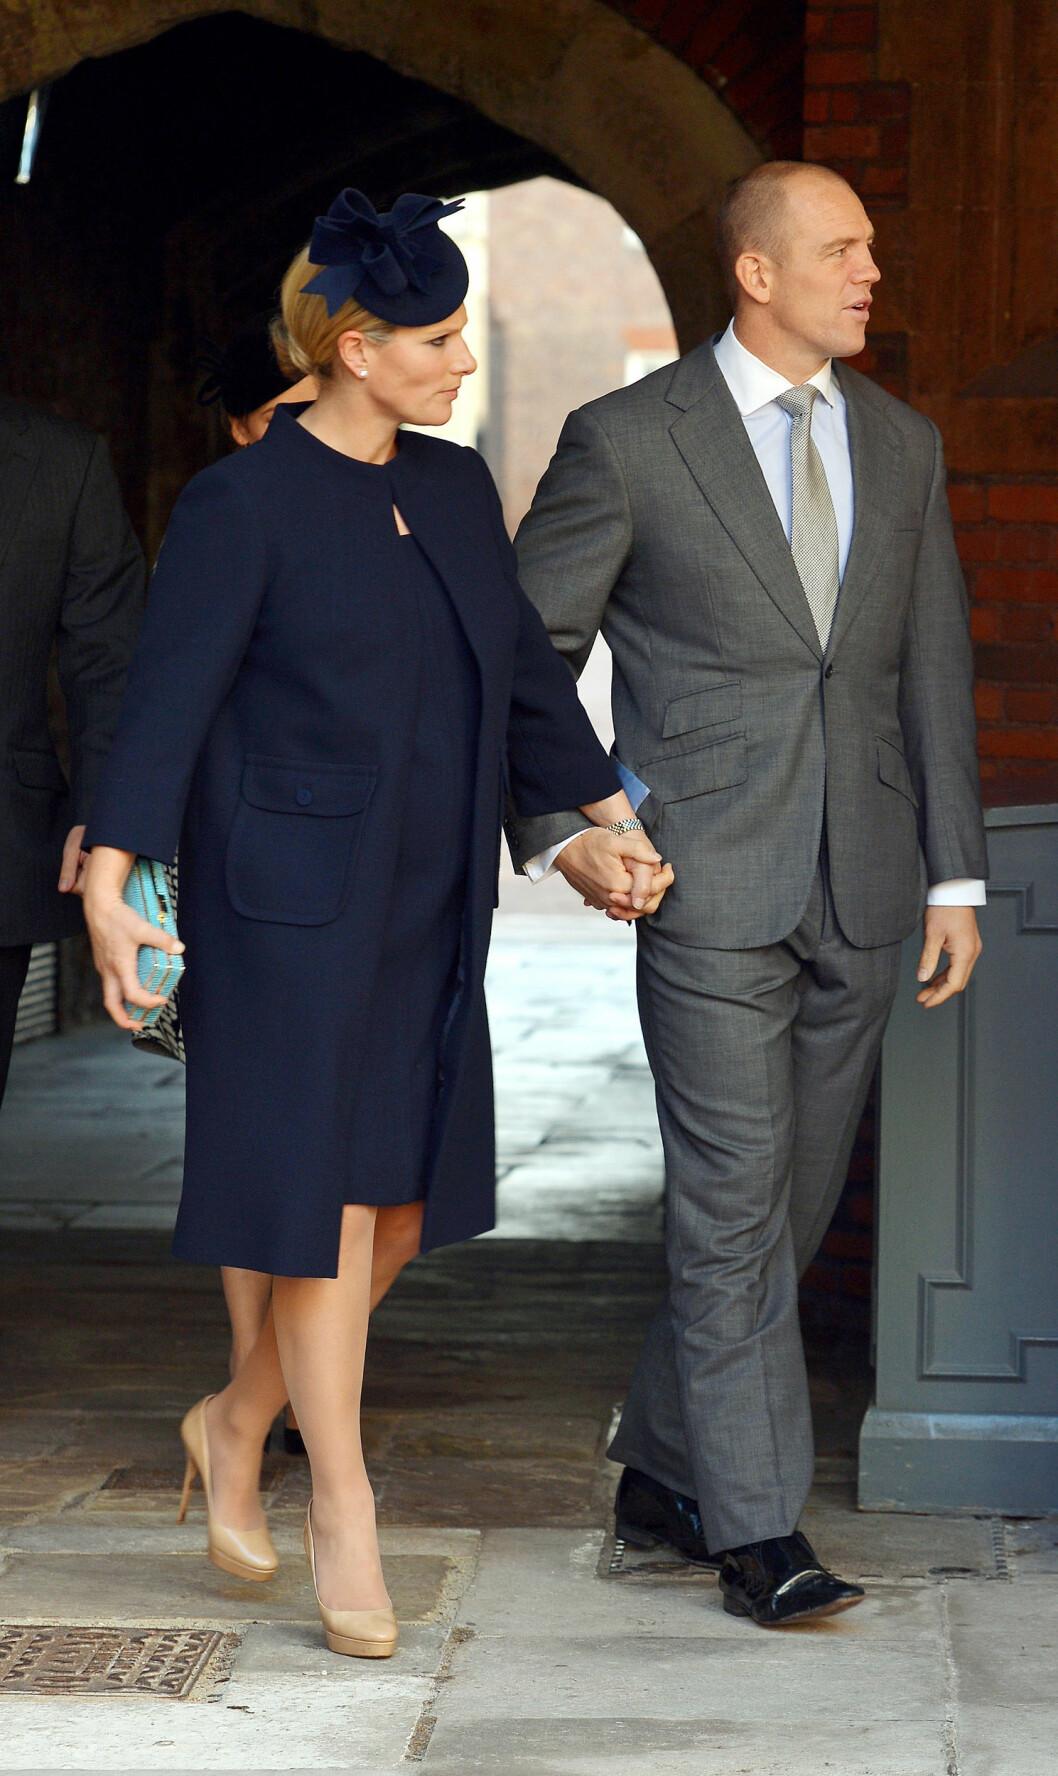 GRAVID: Zara Philips og ektemannen Mike Tindall på vei ut av dåpsseremonien. Om få måneder blir de selv foreldre. Foto: Getty Images/Getty Images/All Over Press